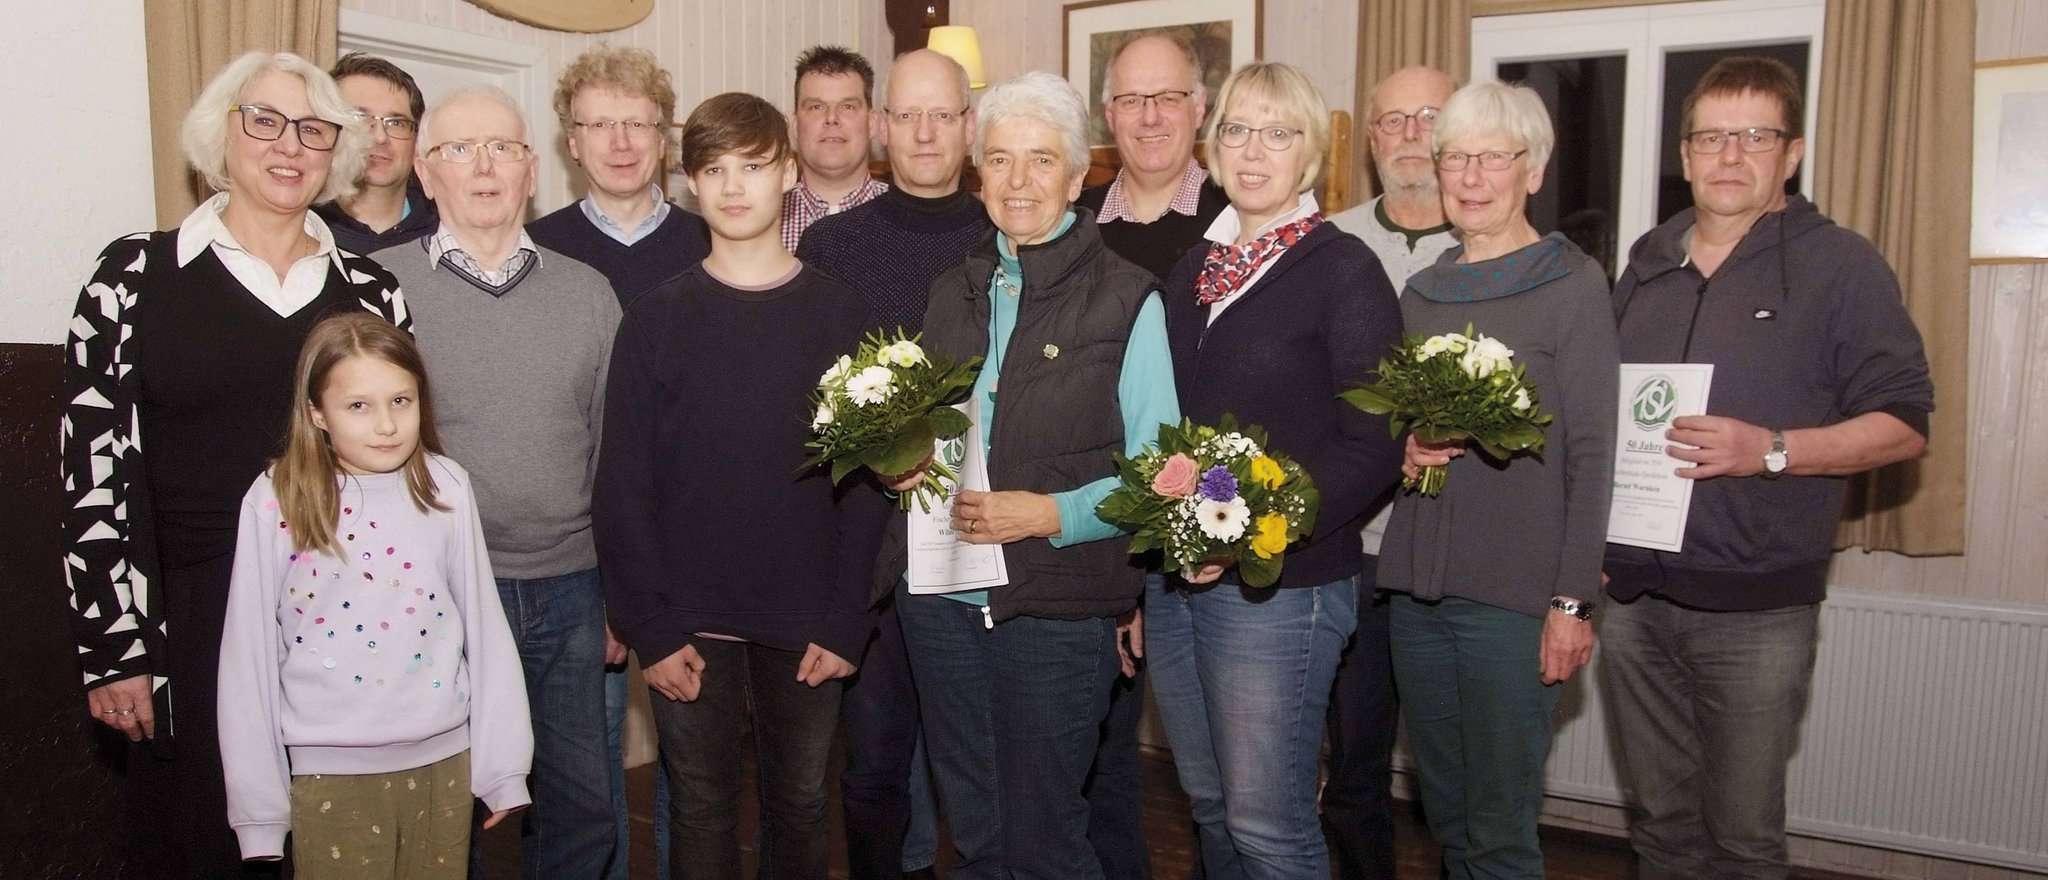 Die Geehrten mit der Vorsitzenden Edeltraut Cordes (links) Foto: Tobias Woelki